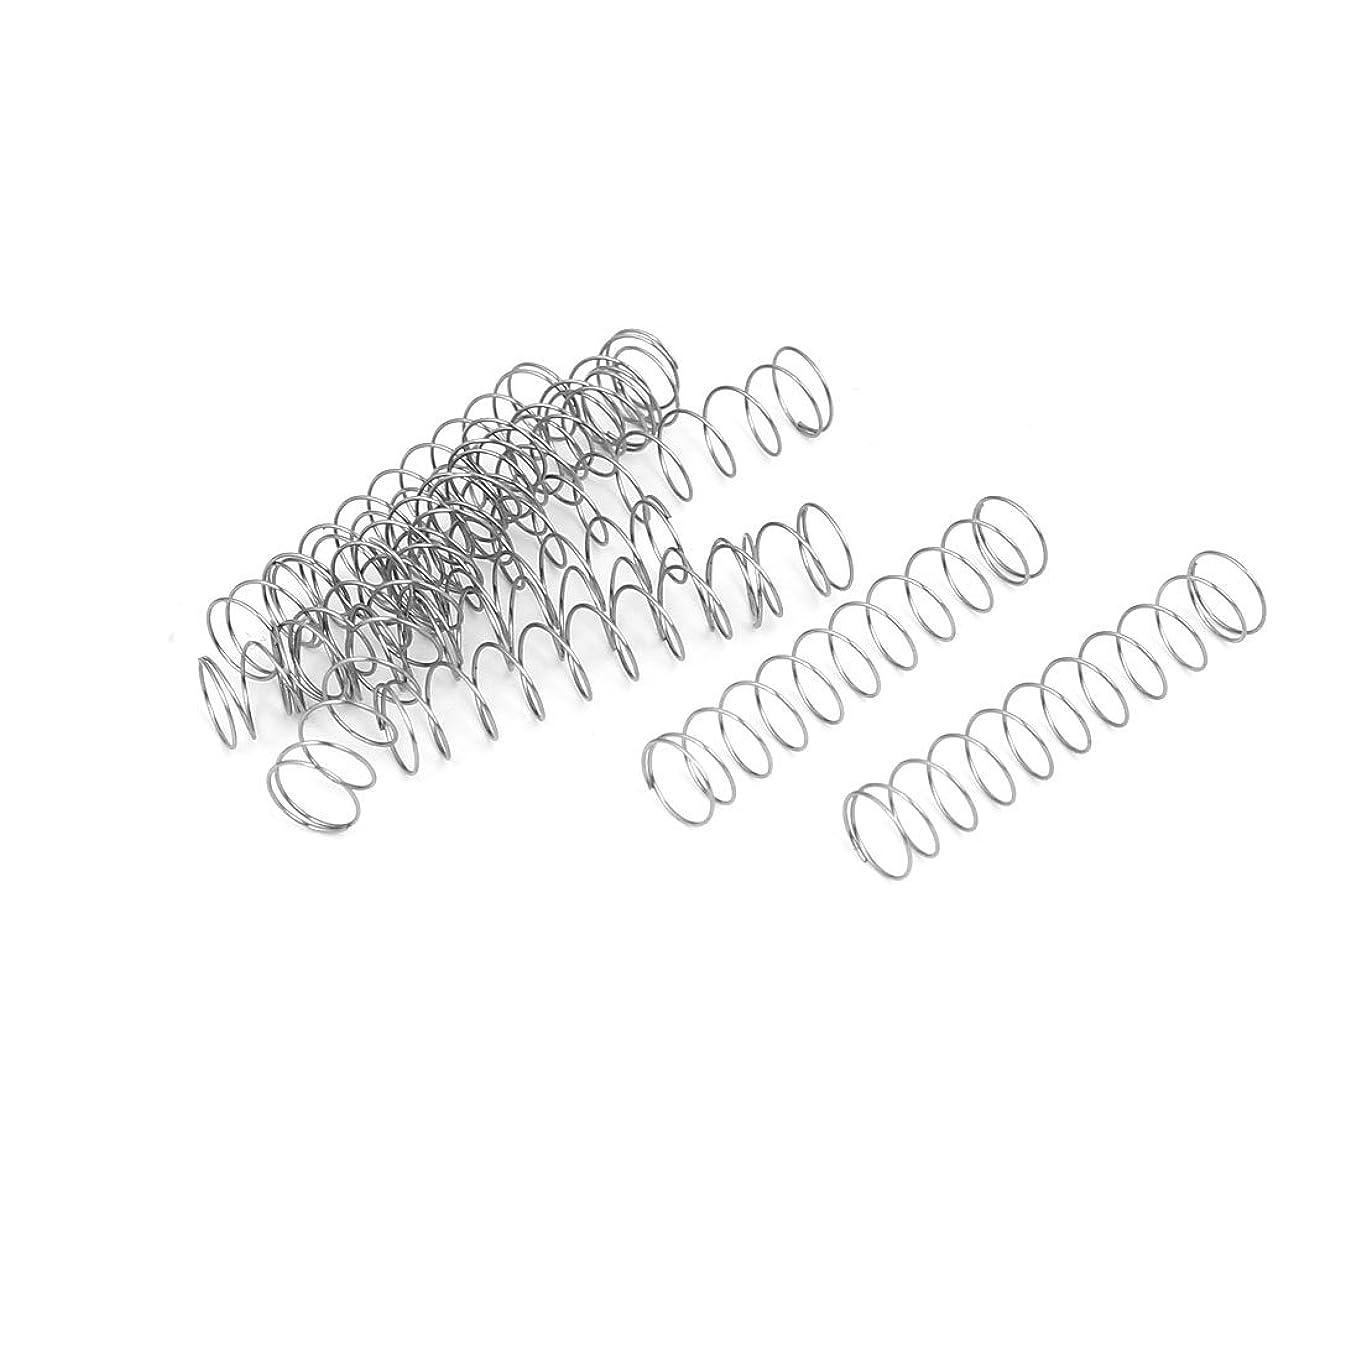 今日ローストベリーuxcell 圧縮ばね 圧縮スプリング 304ステンレス鋼 0.3mmx6mmx30mm 10個入り